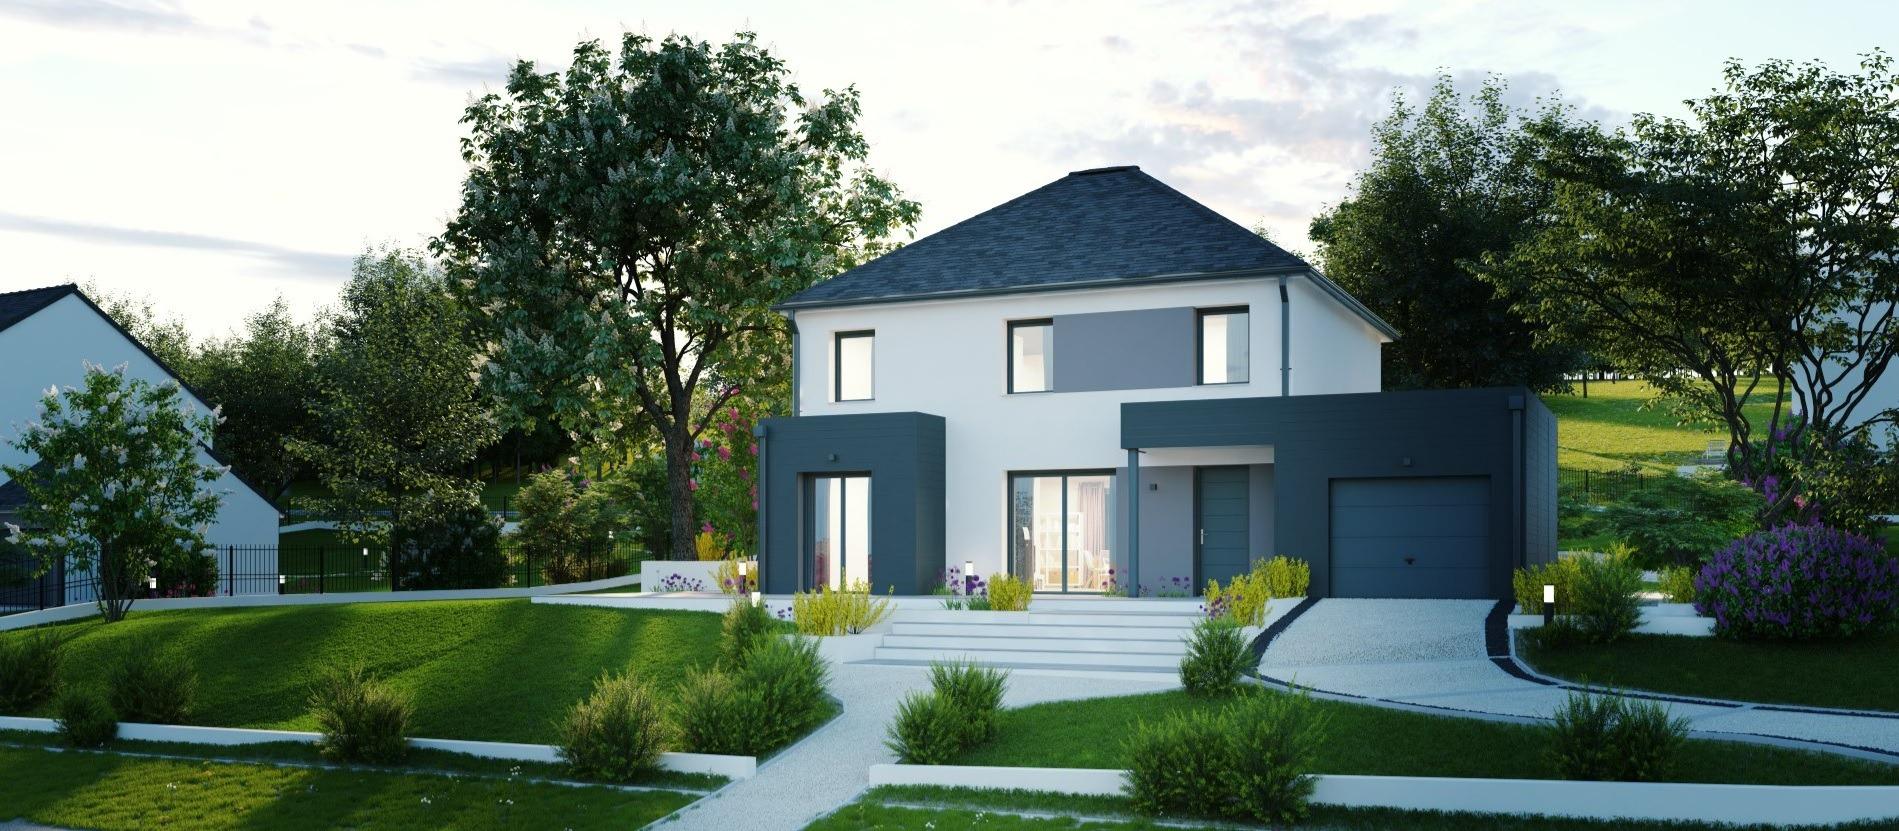 Maisons + Terrains du constructeur Maisons Phénix Metz • 137 m² • CONDE NORTHEN